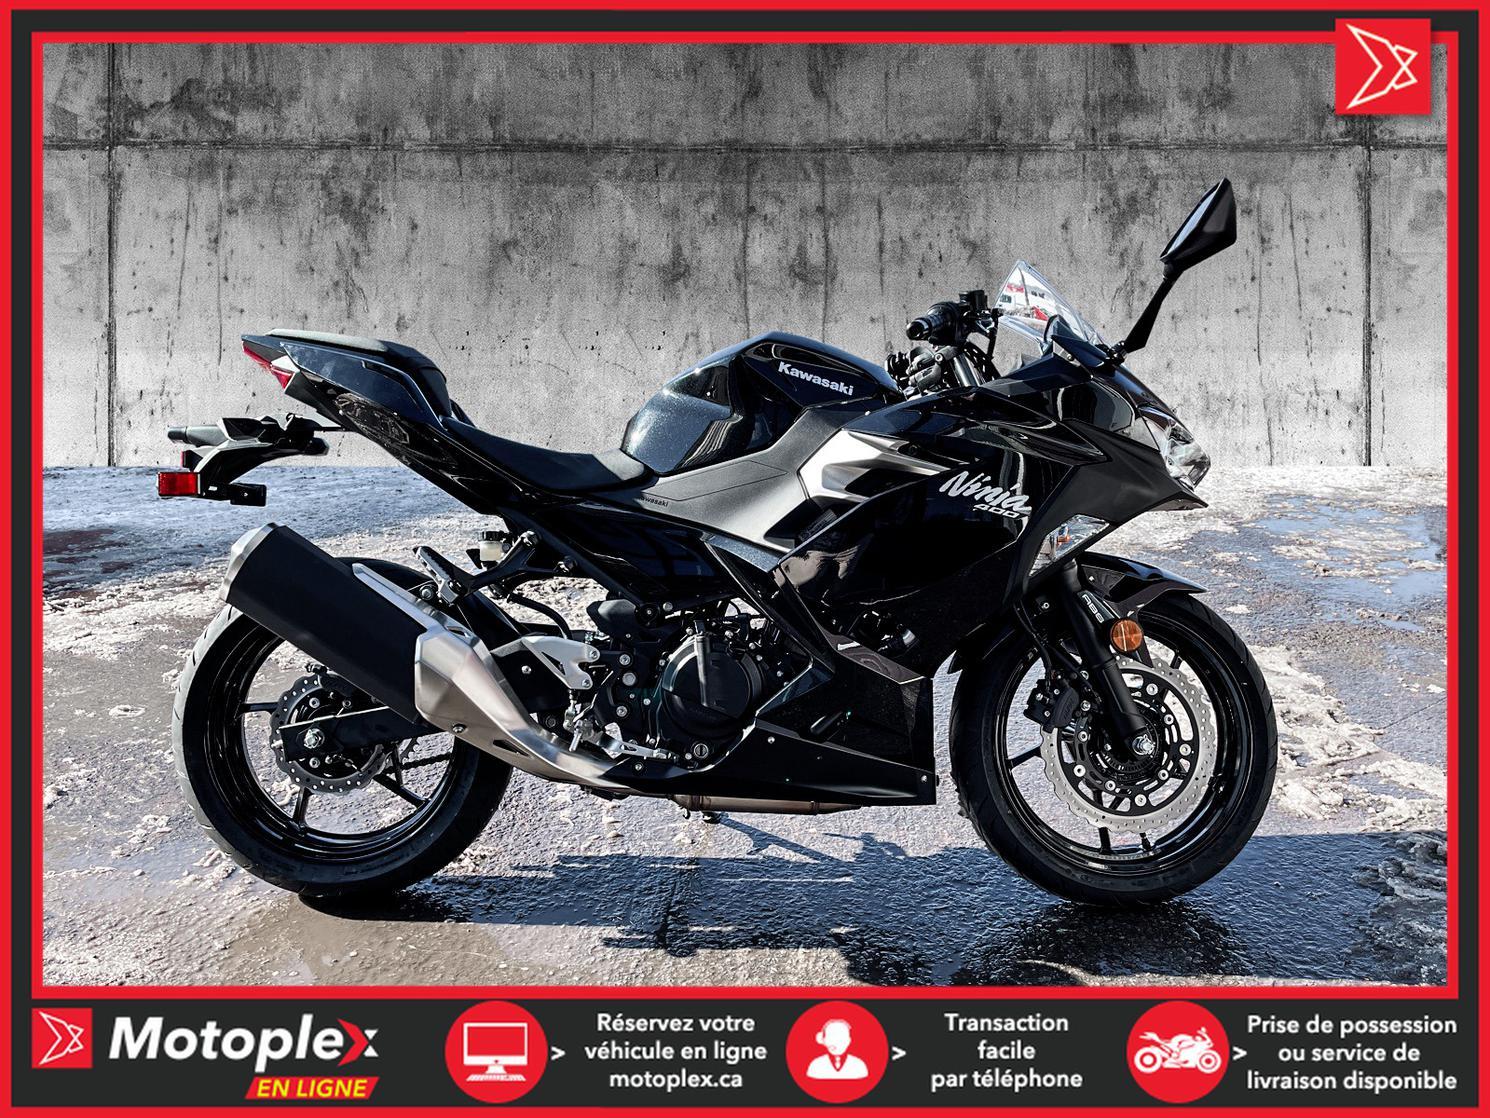 2021 Kawasaki NINJA 400 ABS  2021